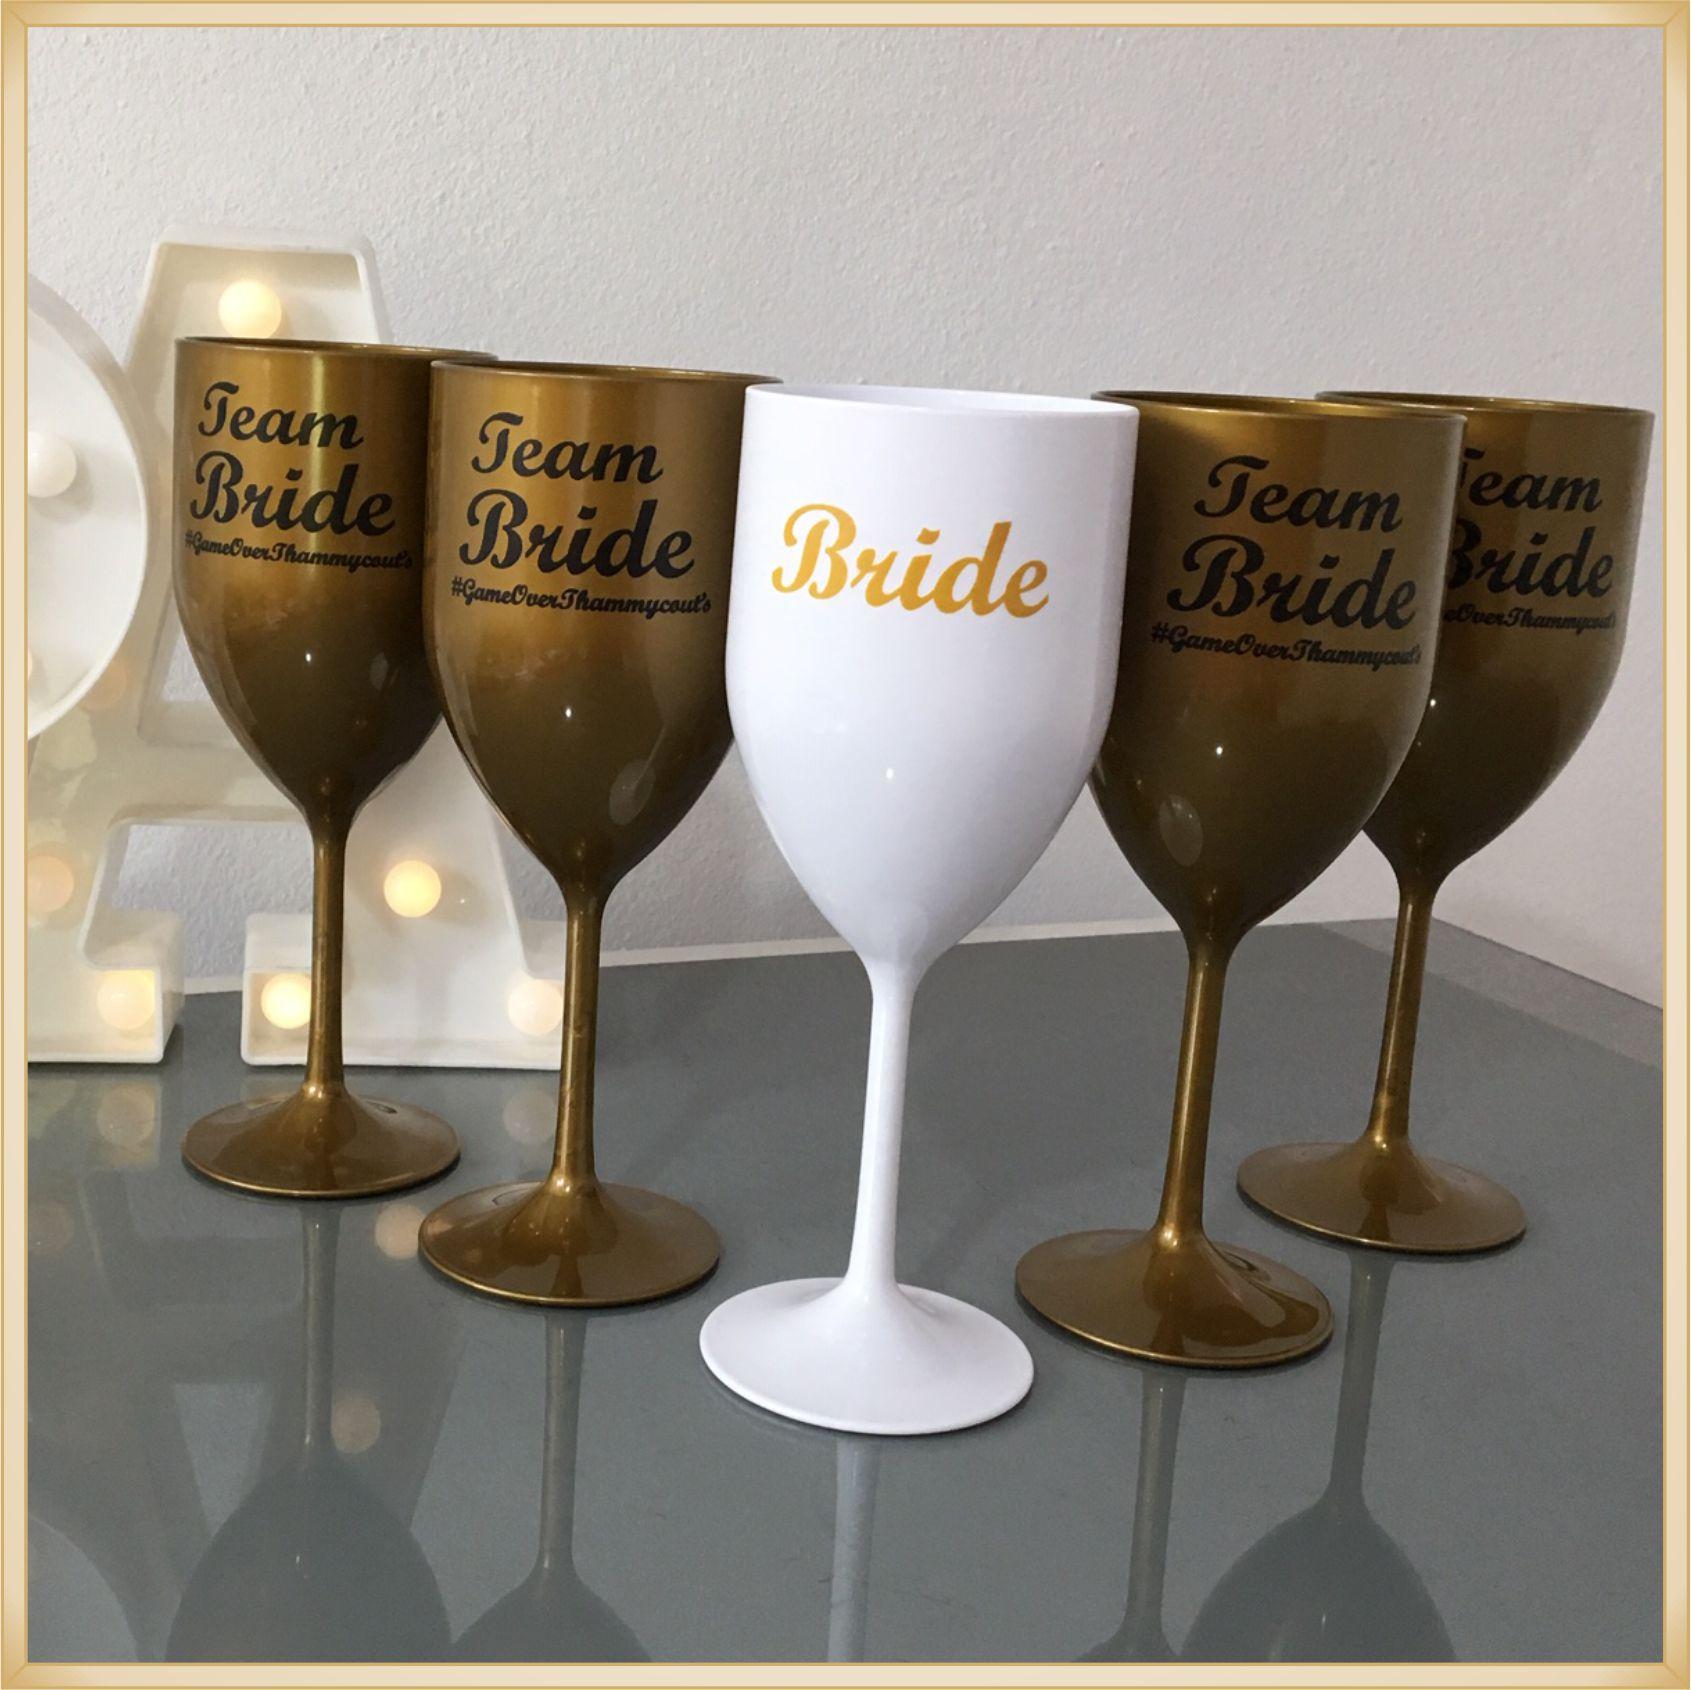 Taças de vinho acrílico Personalizadas - estampas de qualidade, brilhante e durável, acabamento perfeito, parede de 2,0 mm, 350 ml. kit 30 unidades